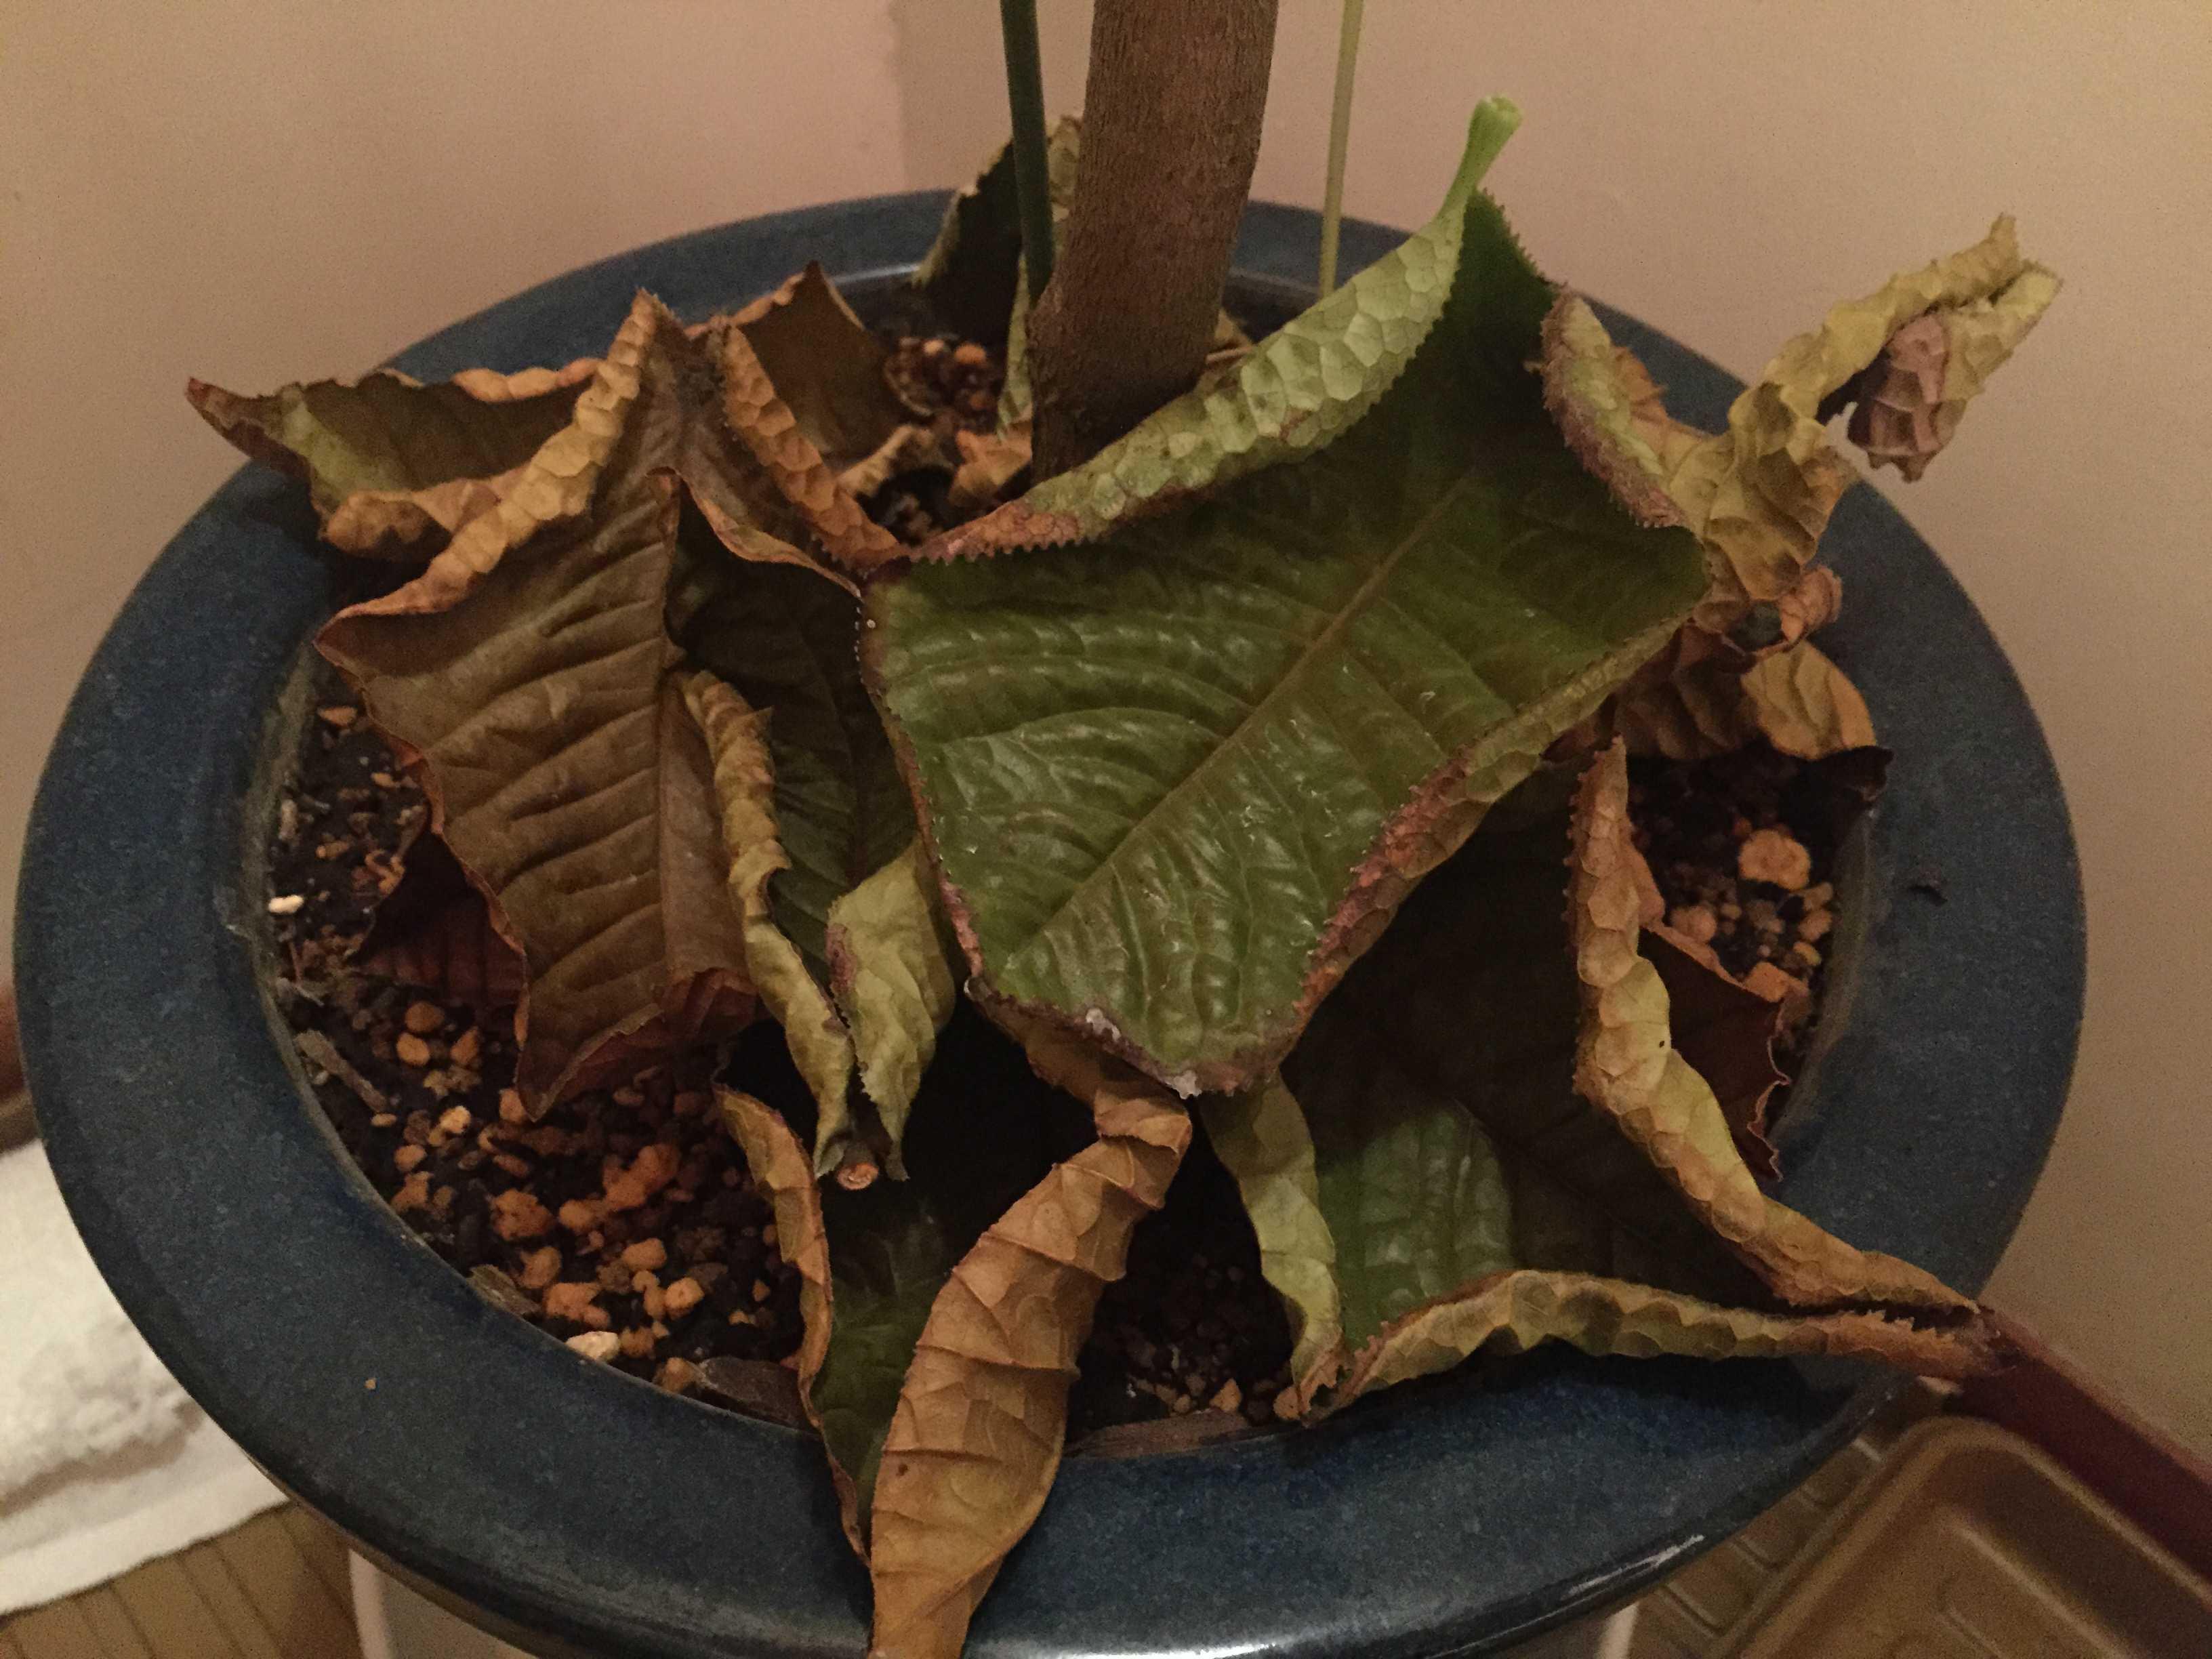 原種椿「ムラウチイ」の落ちた葉っぱ